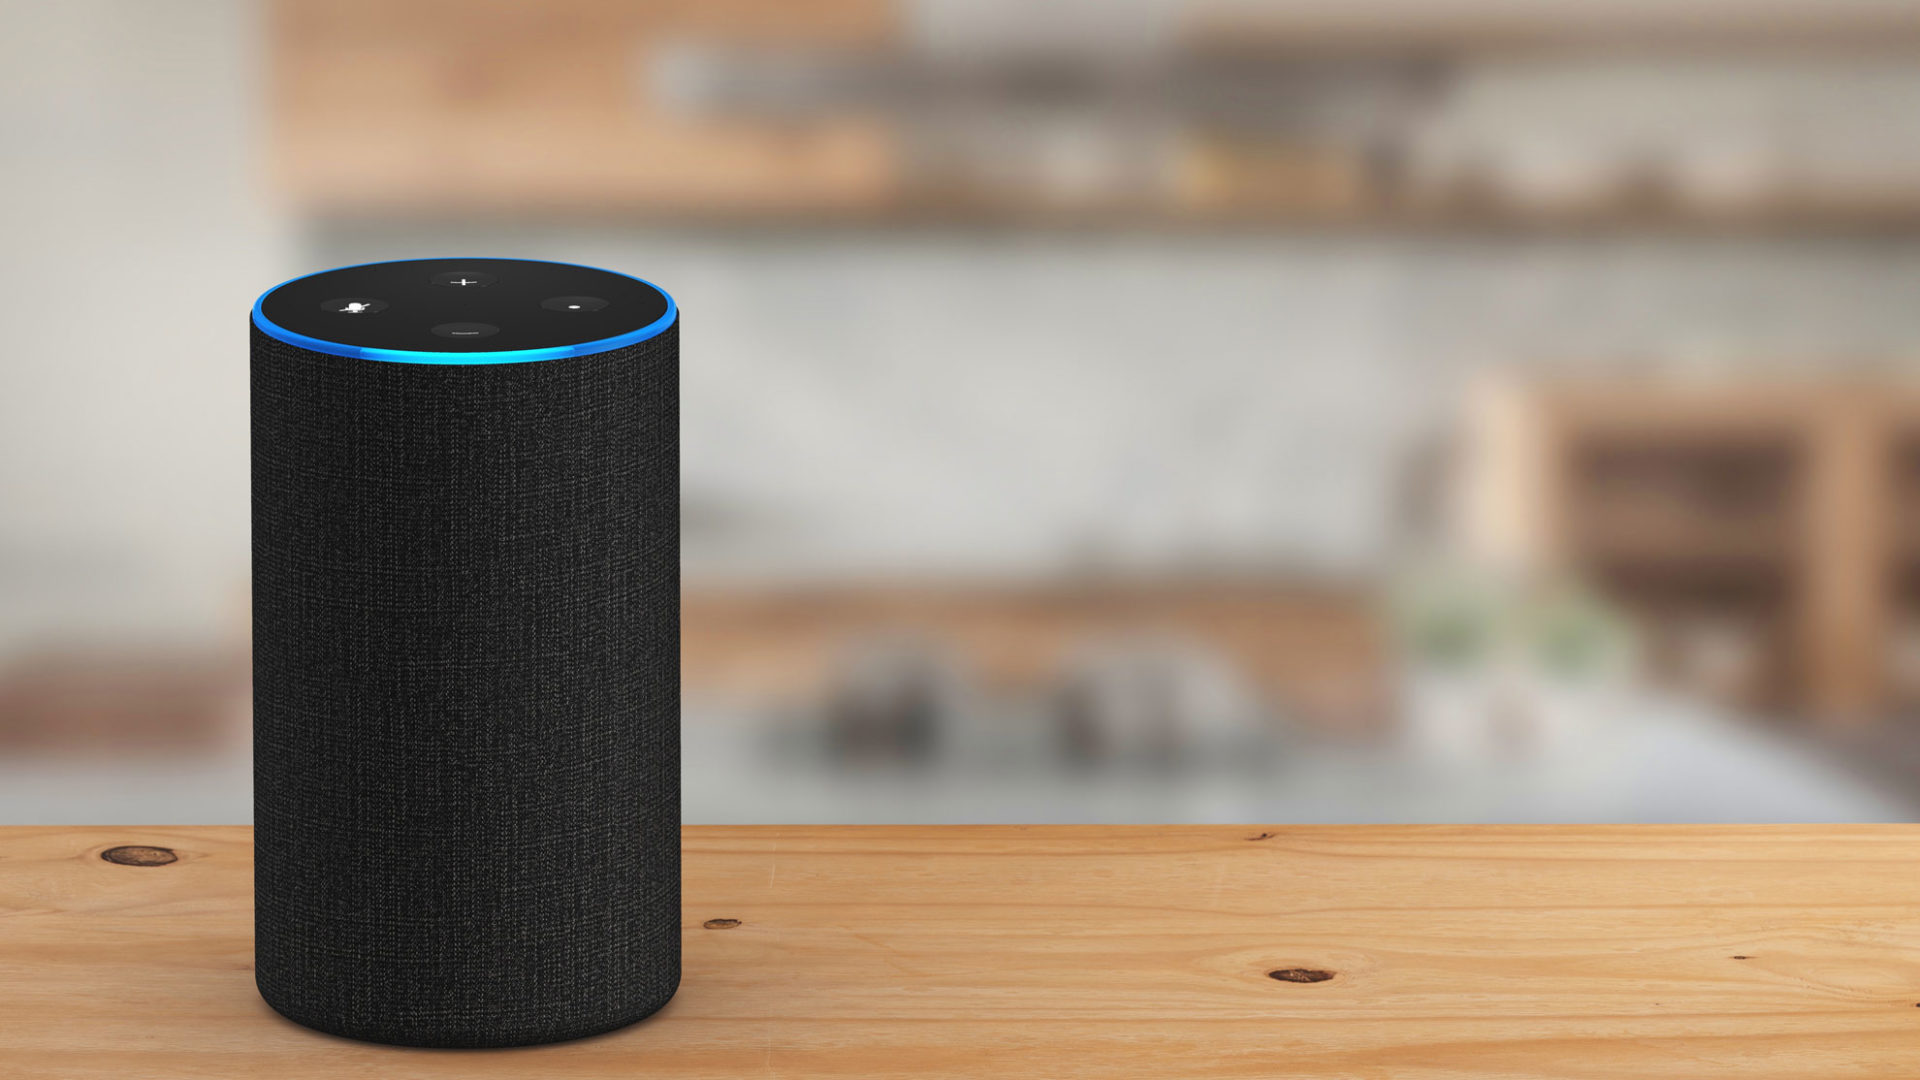 Amazon Alexa: Using Alexa to secure your Apartment